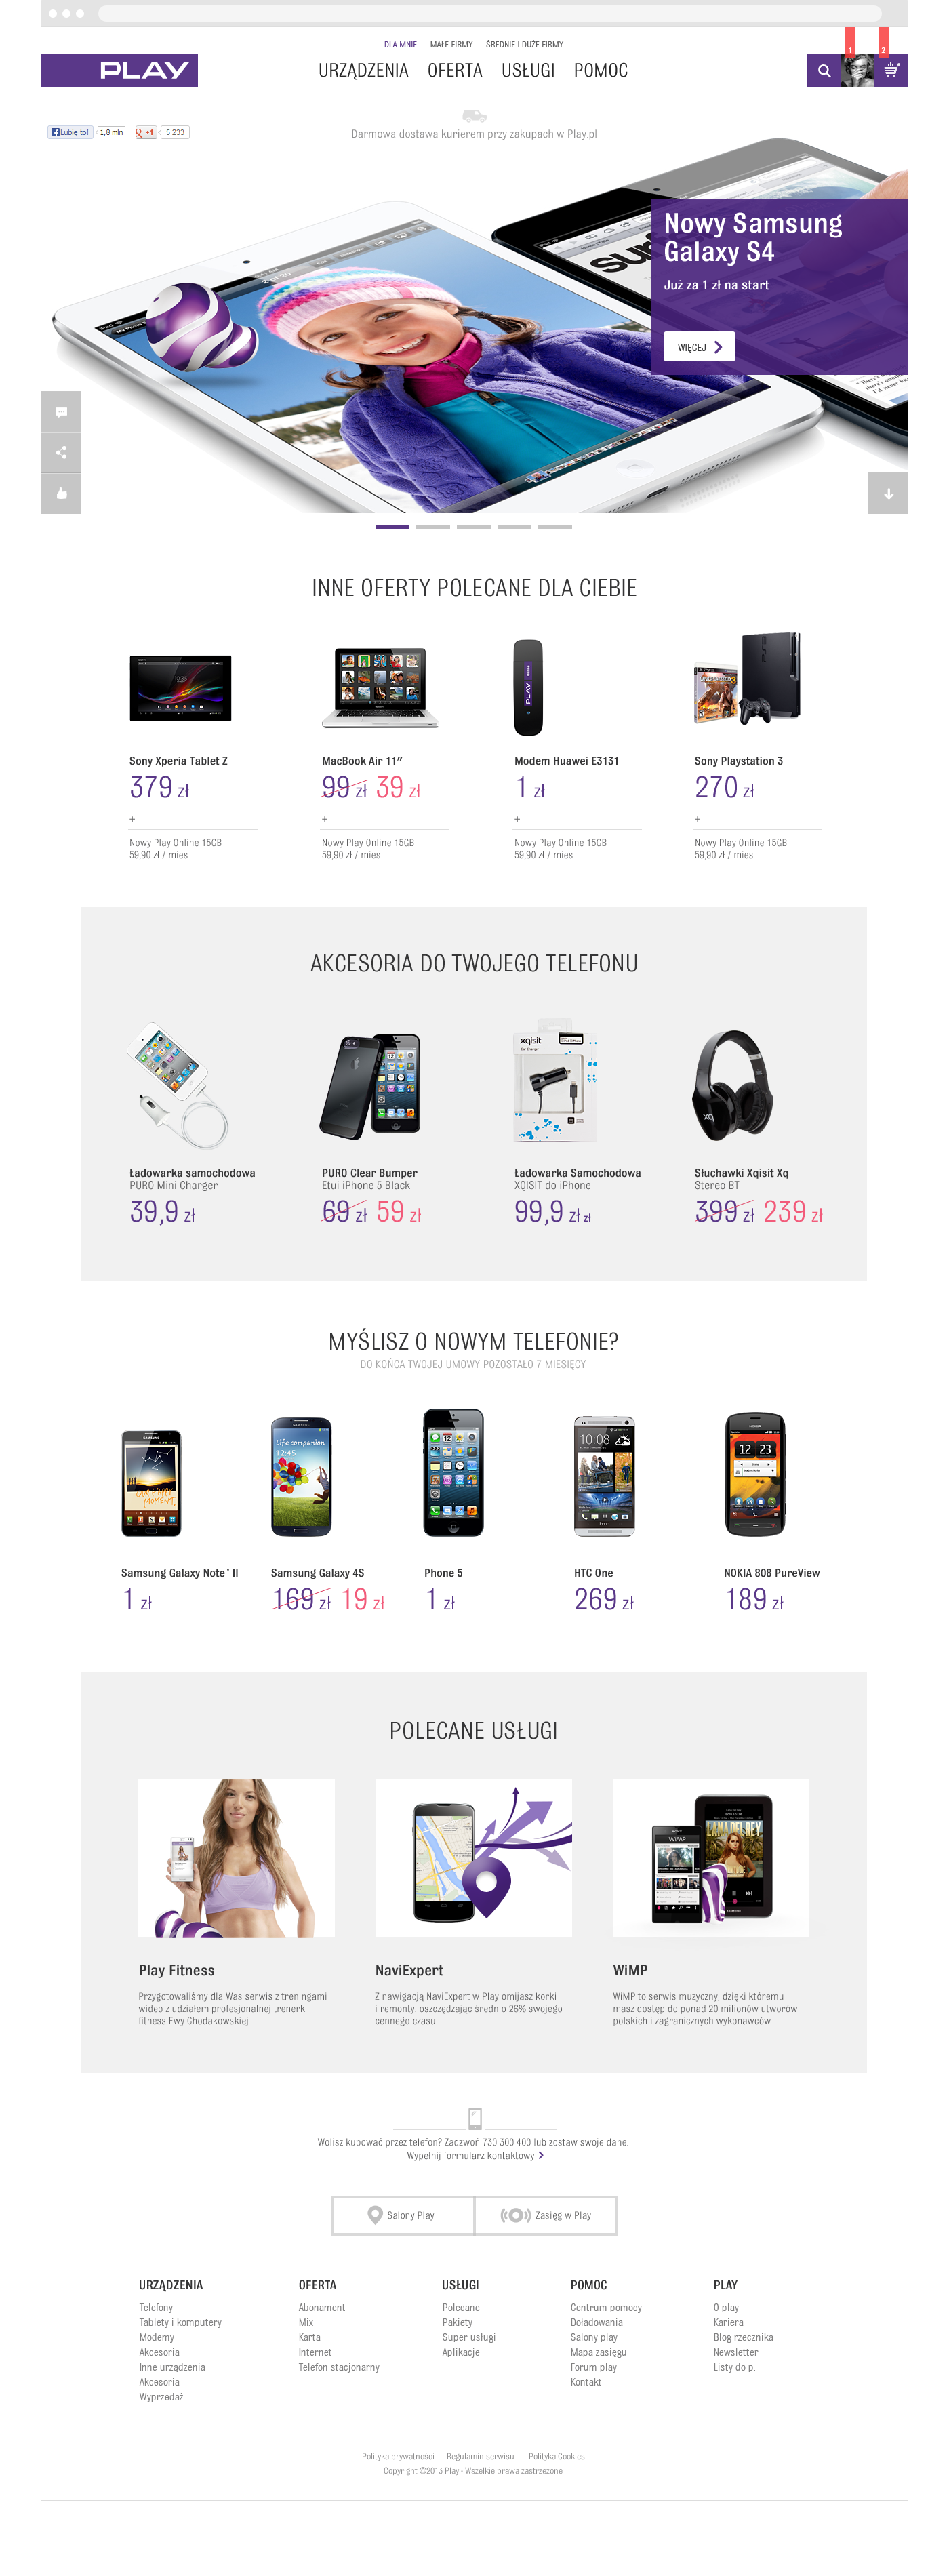 Telecom e-commerce Website portal ux play design Webdesign